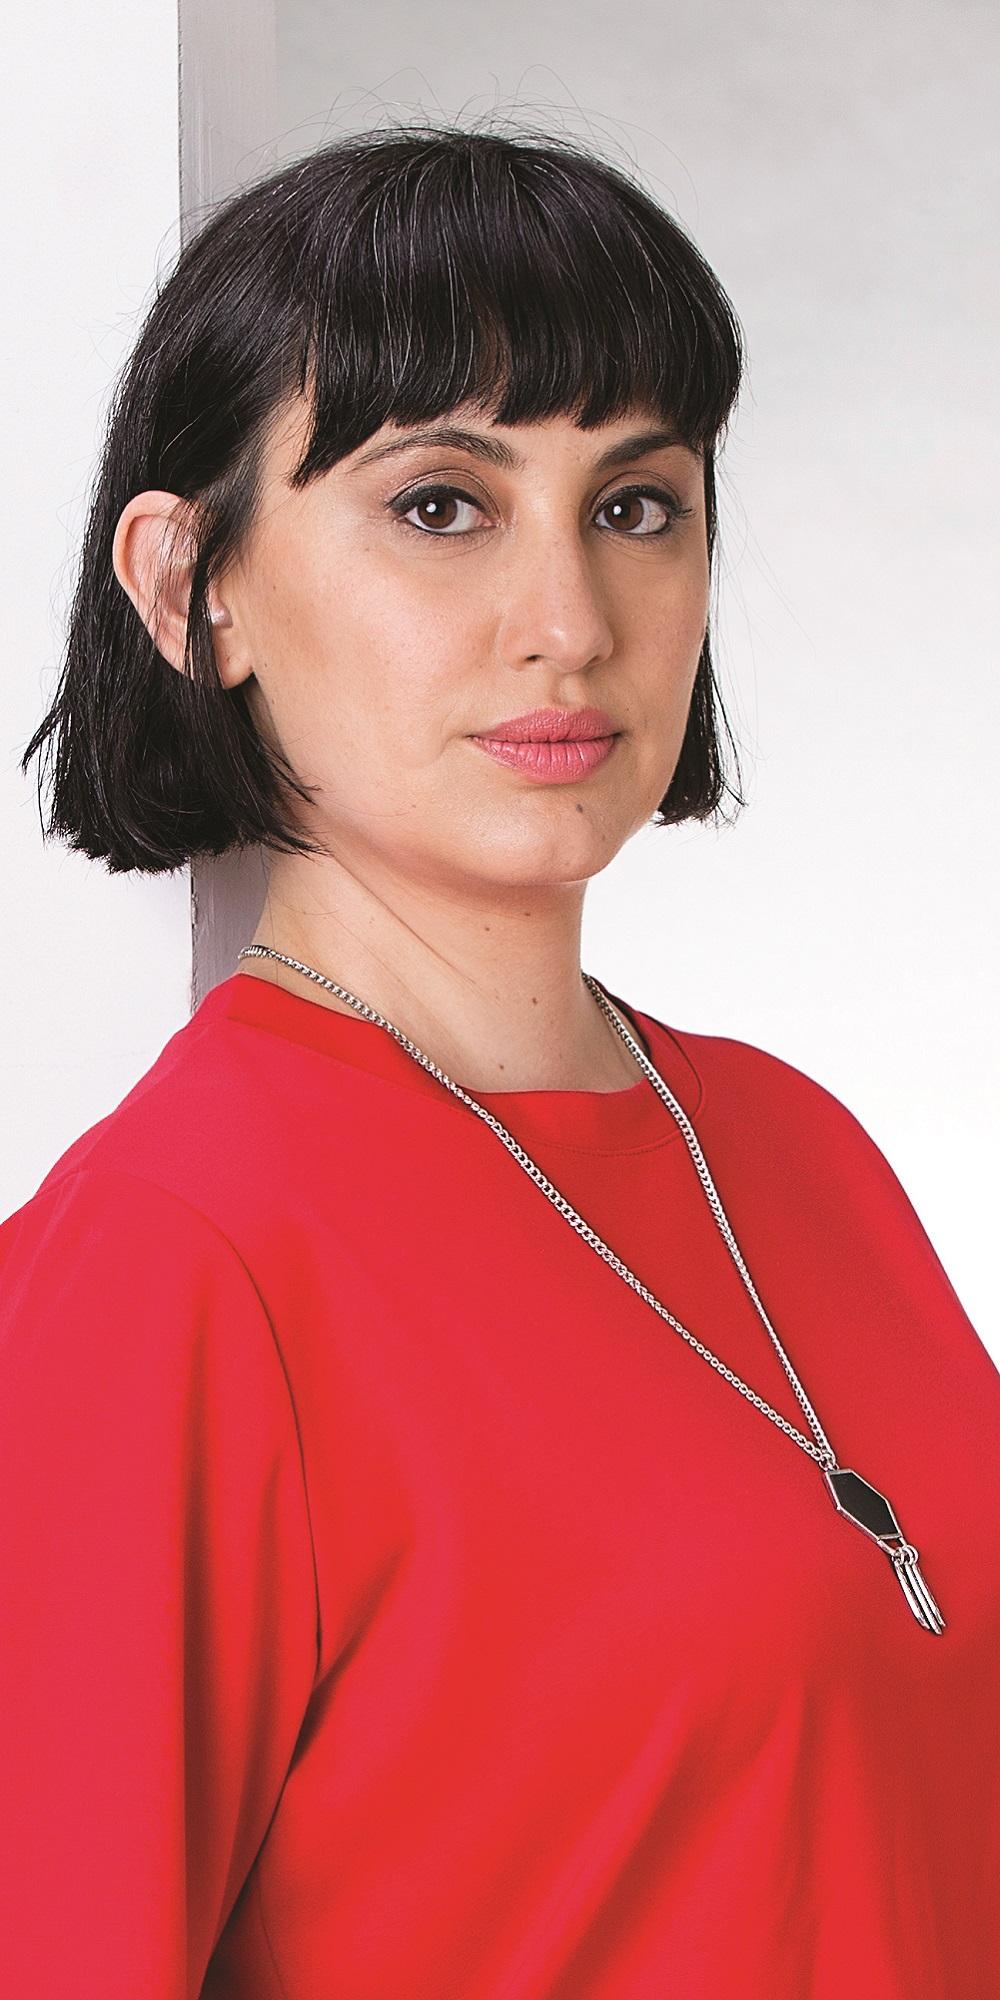 קרינה אודינייב   צילום: ענבל מרמרי